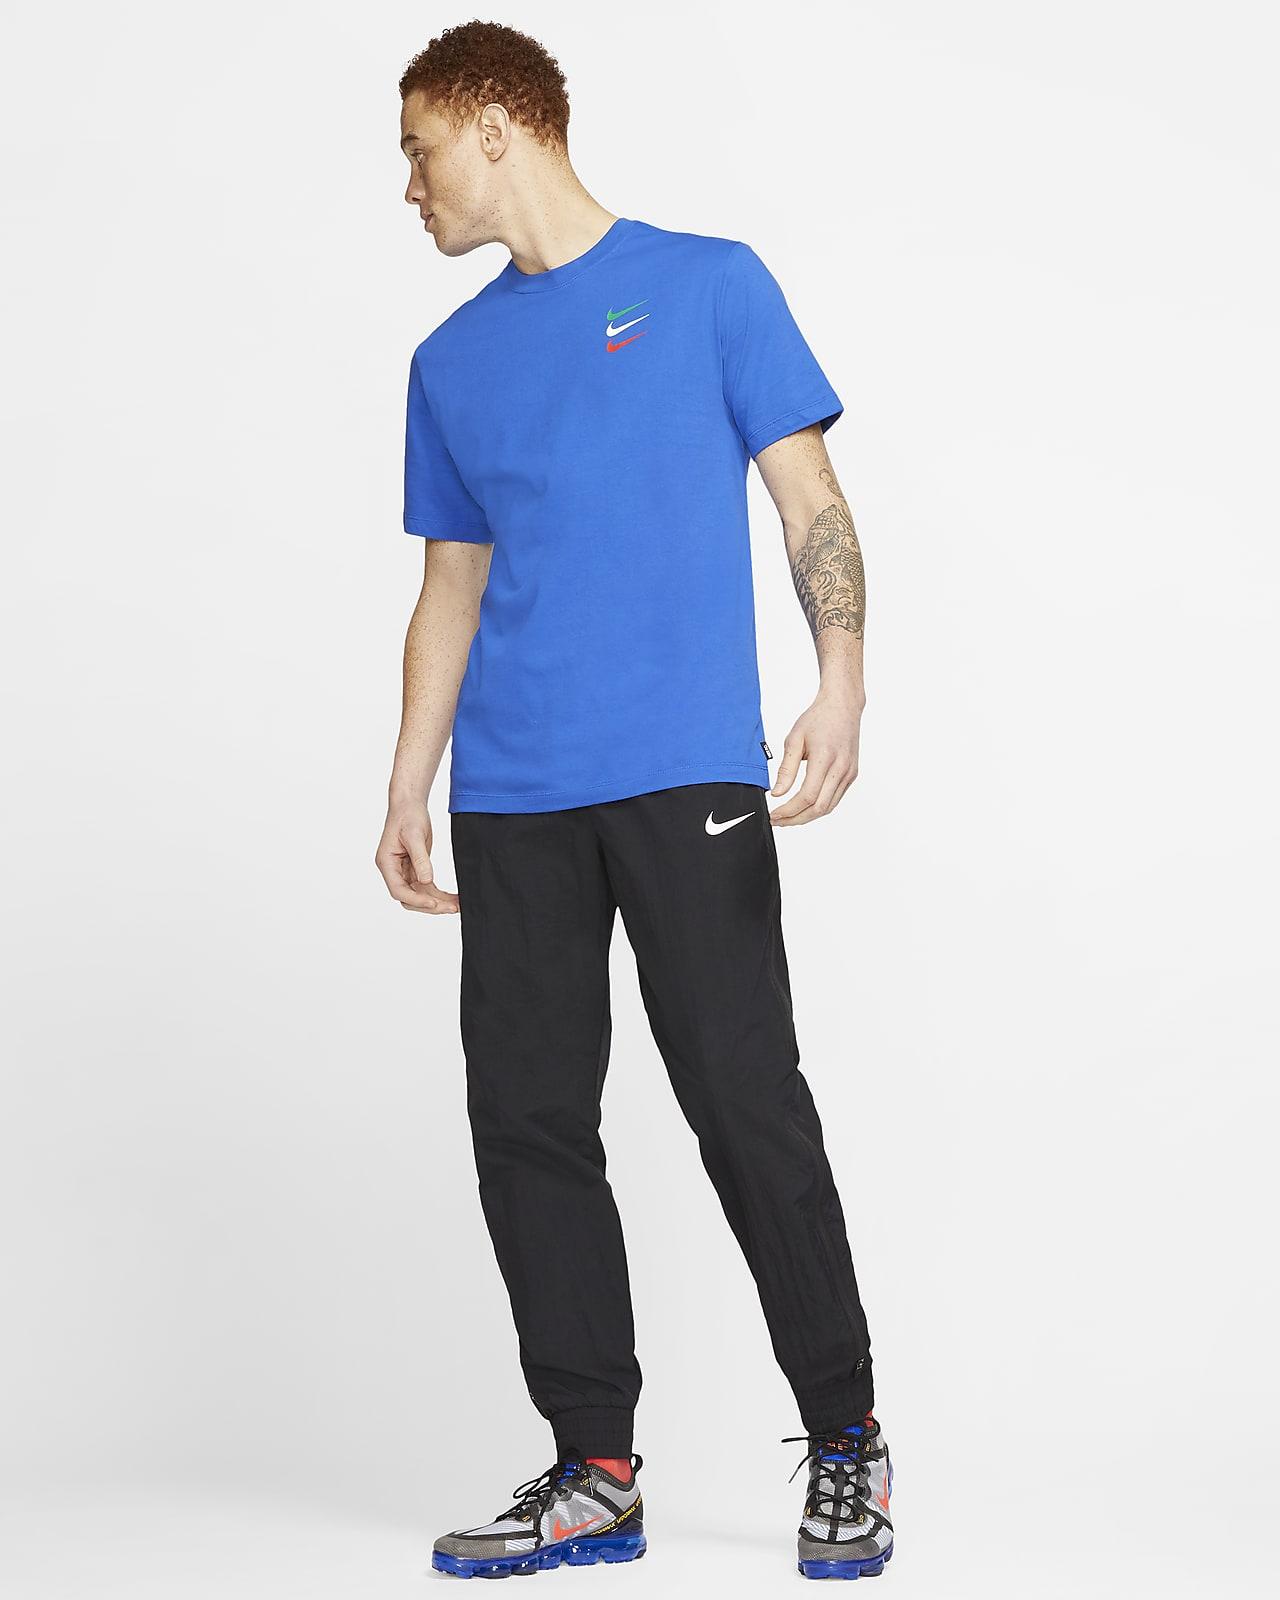 Nike F.C. SE11 fotball T skjorte til herre. Nike NO